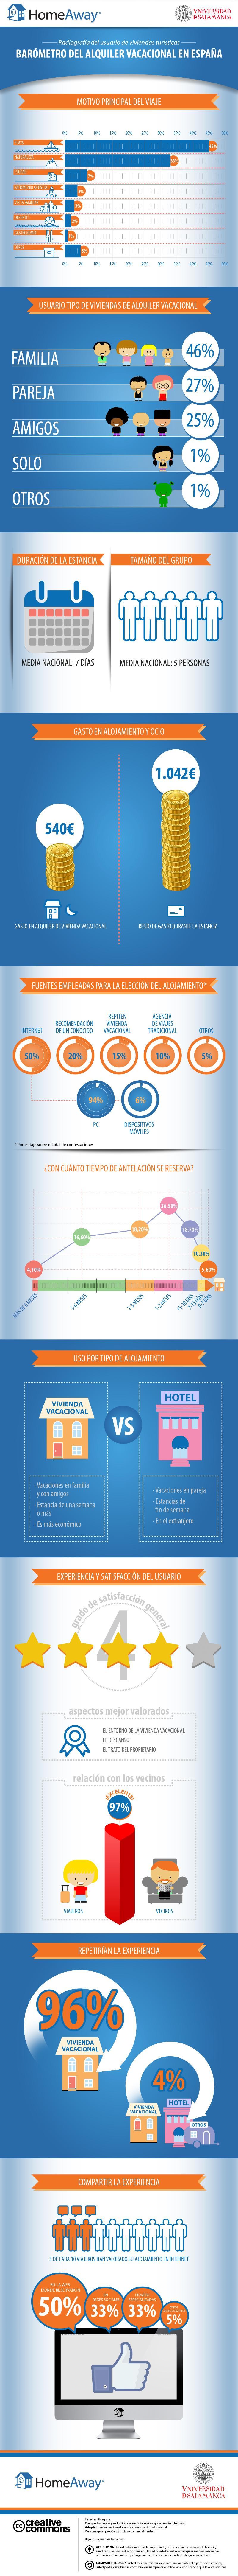 Alquiler-vacacional-2014-infografia